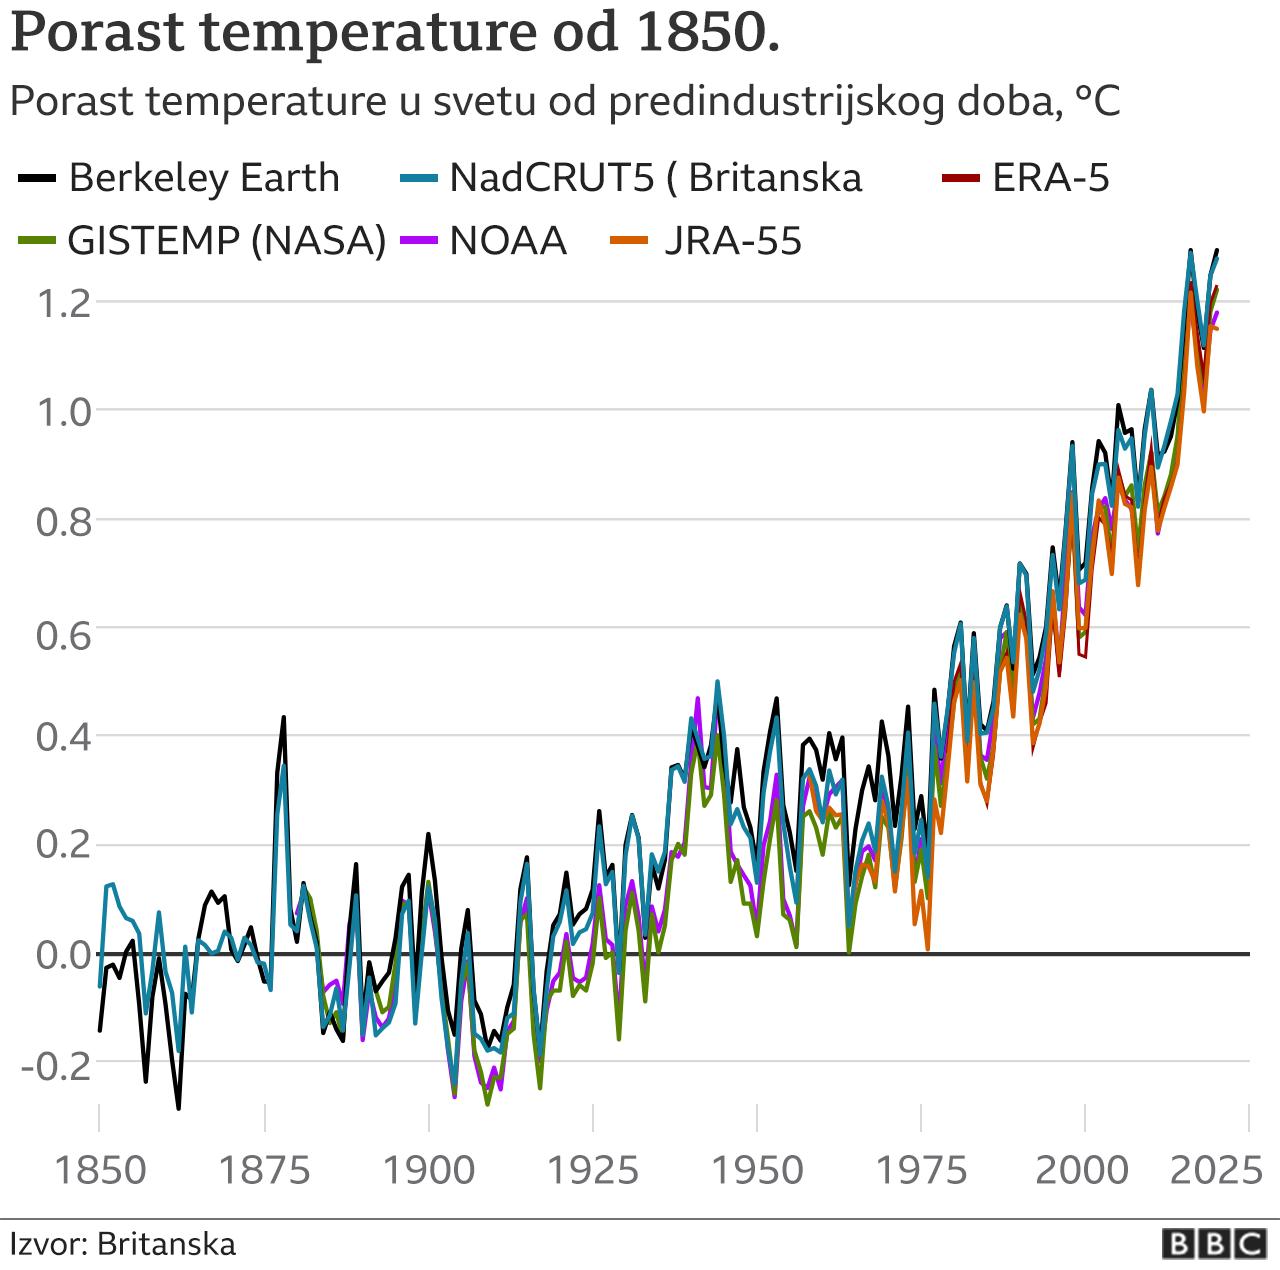 Porast temperature